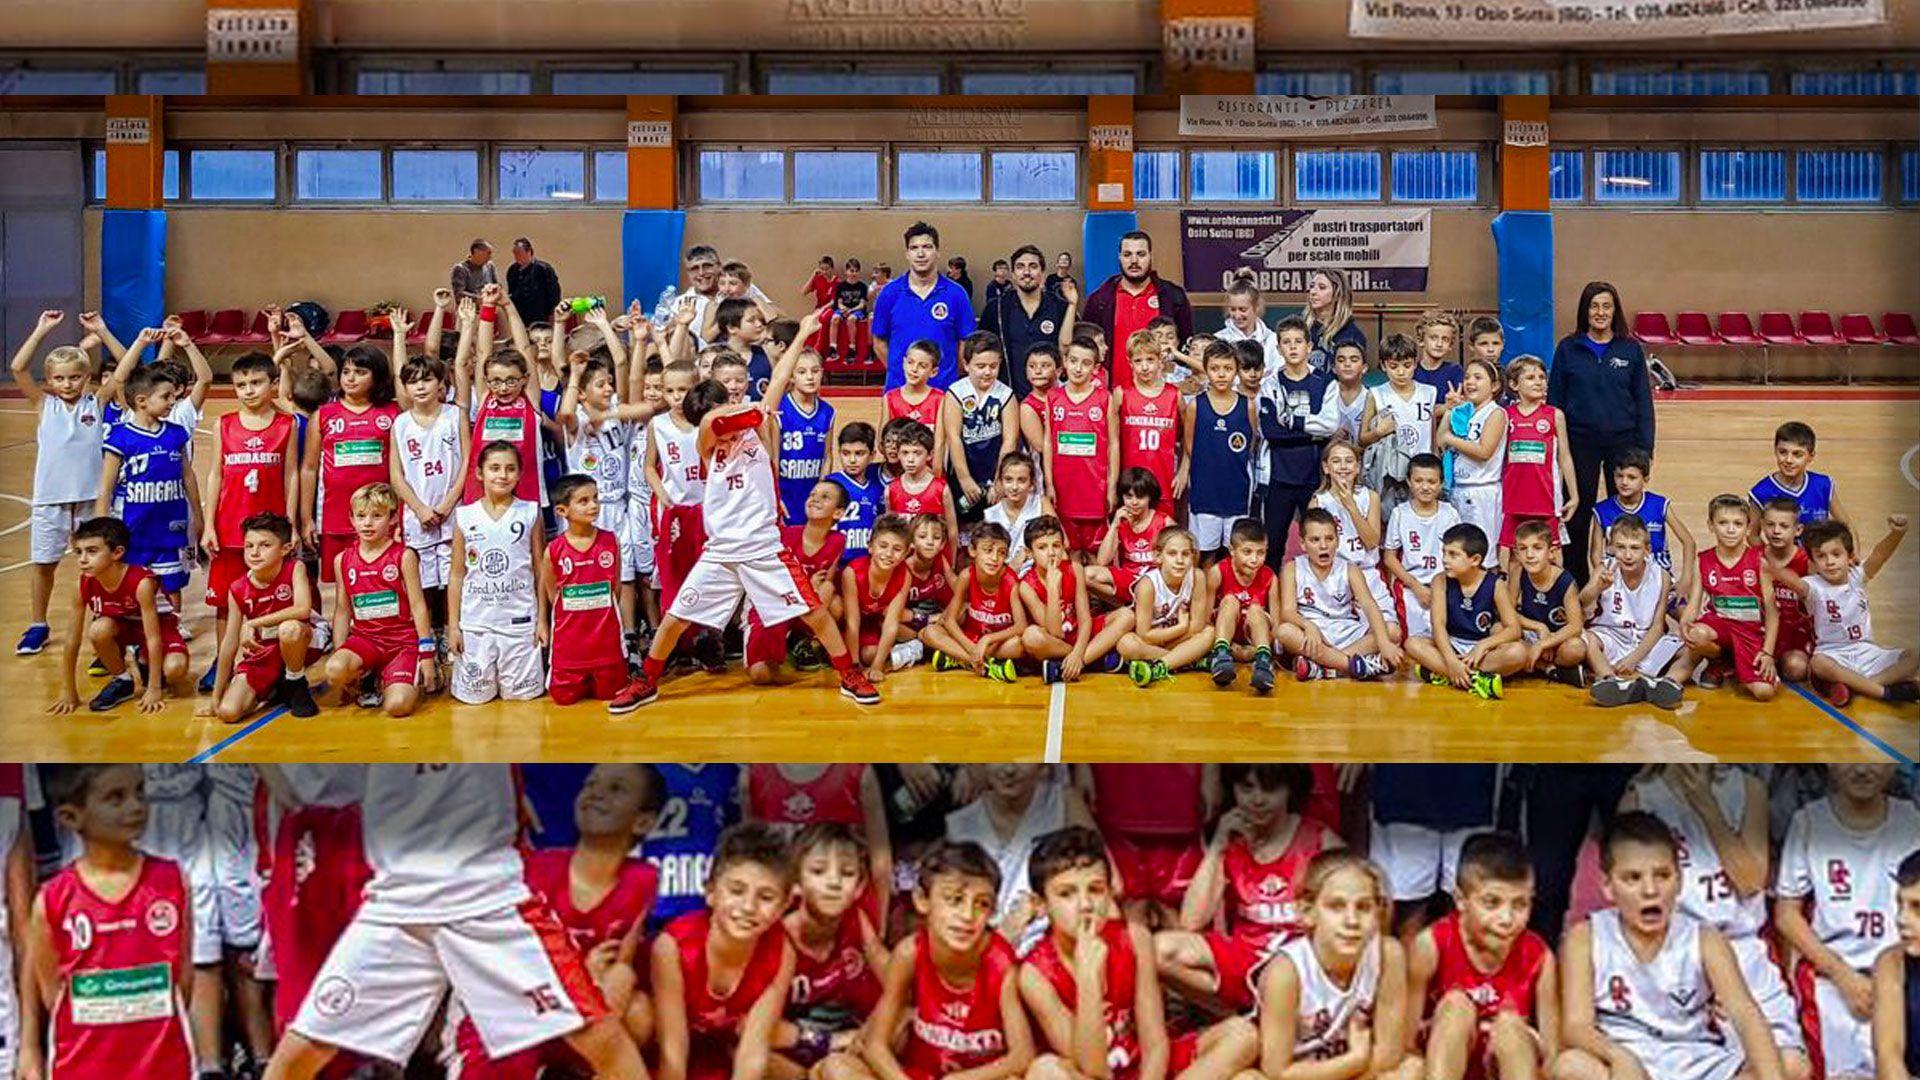 minibasket 2011